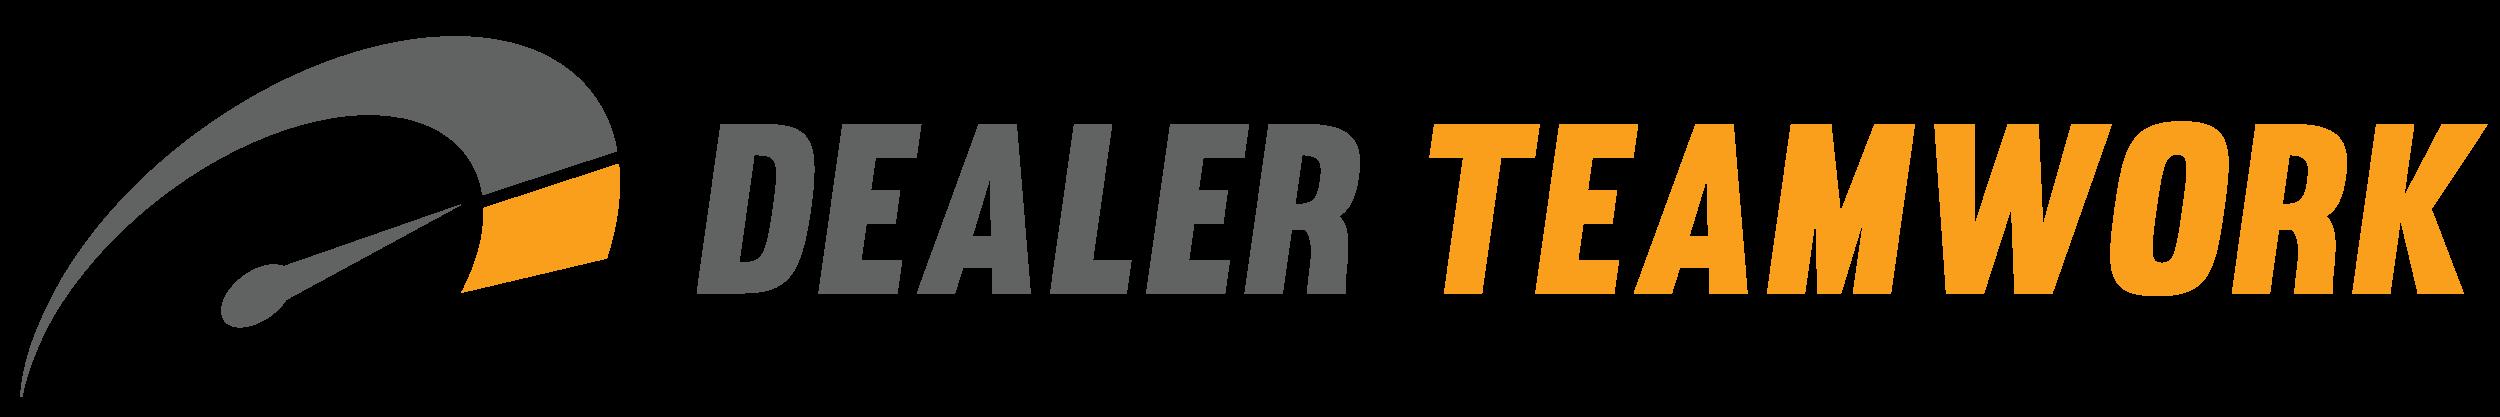 dealerteamwork Logo